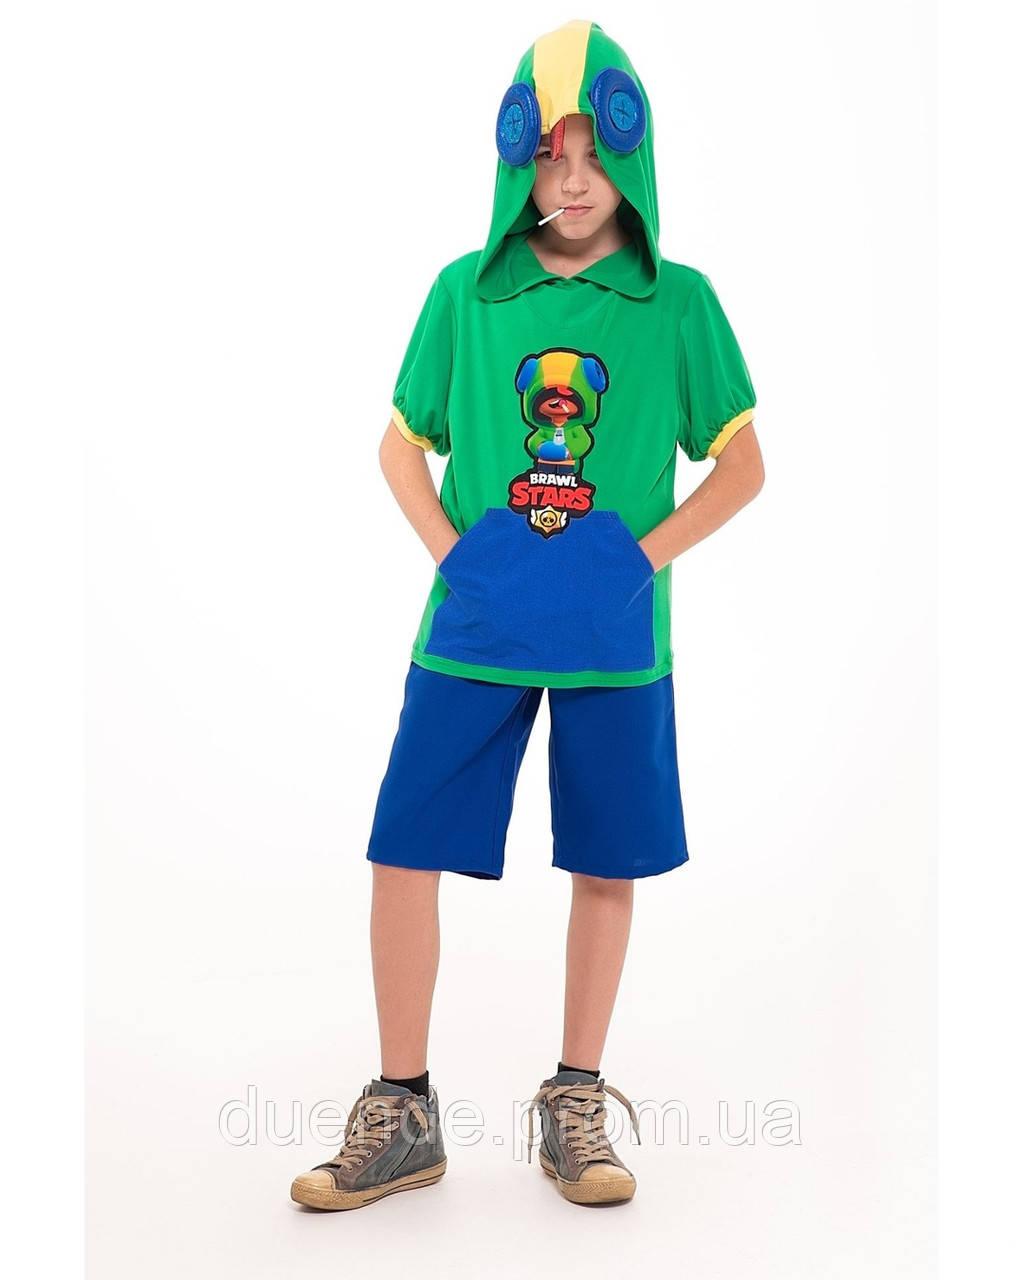 Новогодний Карнавальный костюм ЛЕОНА АКУЛЫ для мальчик, рост 122-128 / BL - ДС226